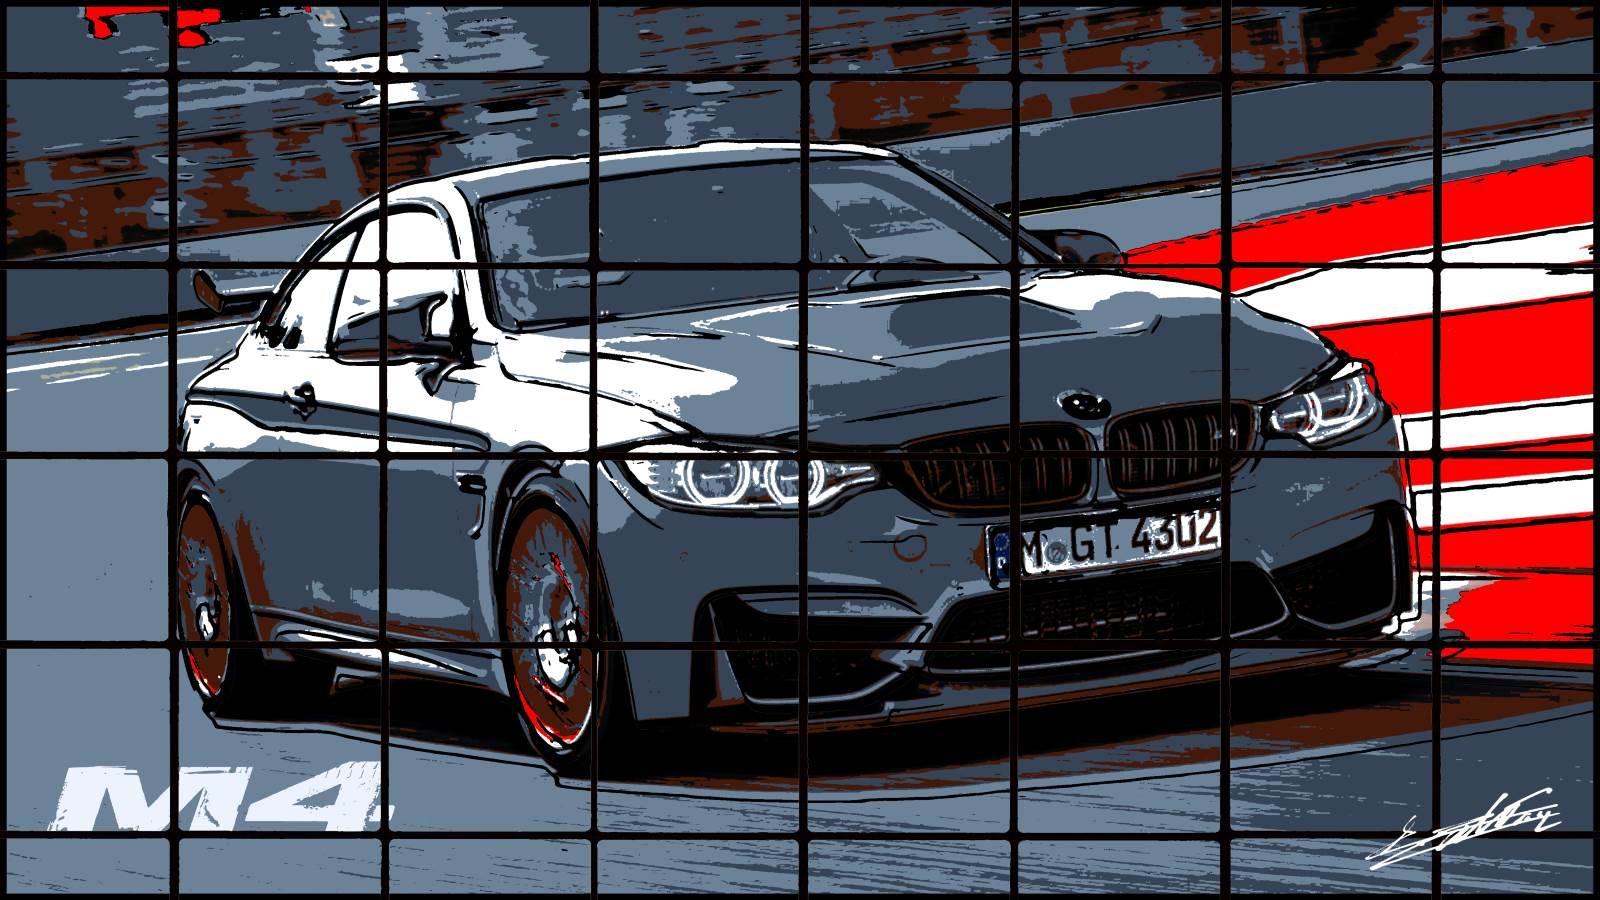 peinture bmw m4 acrylique pop art noir blanc gris rouge moderne circuit virage droite piste - Peinture Gris Rouge